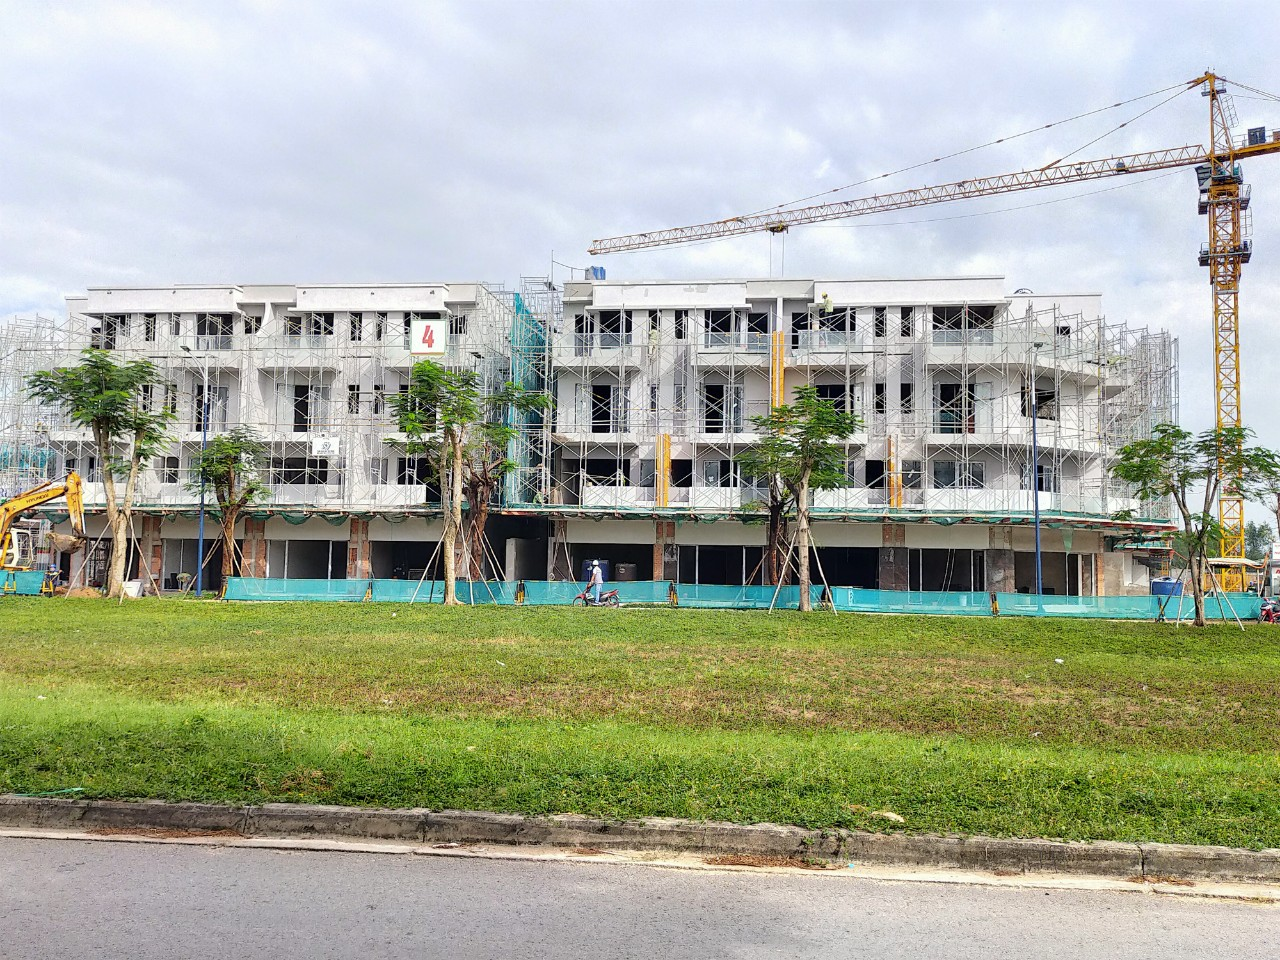 Tiến độ thần tốc của dự án Lovera Premier Khang Điền Bình Chánh Phong Phú 4